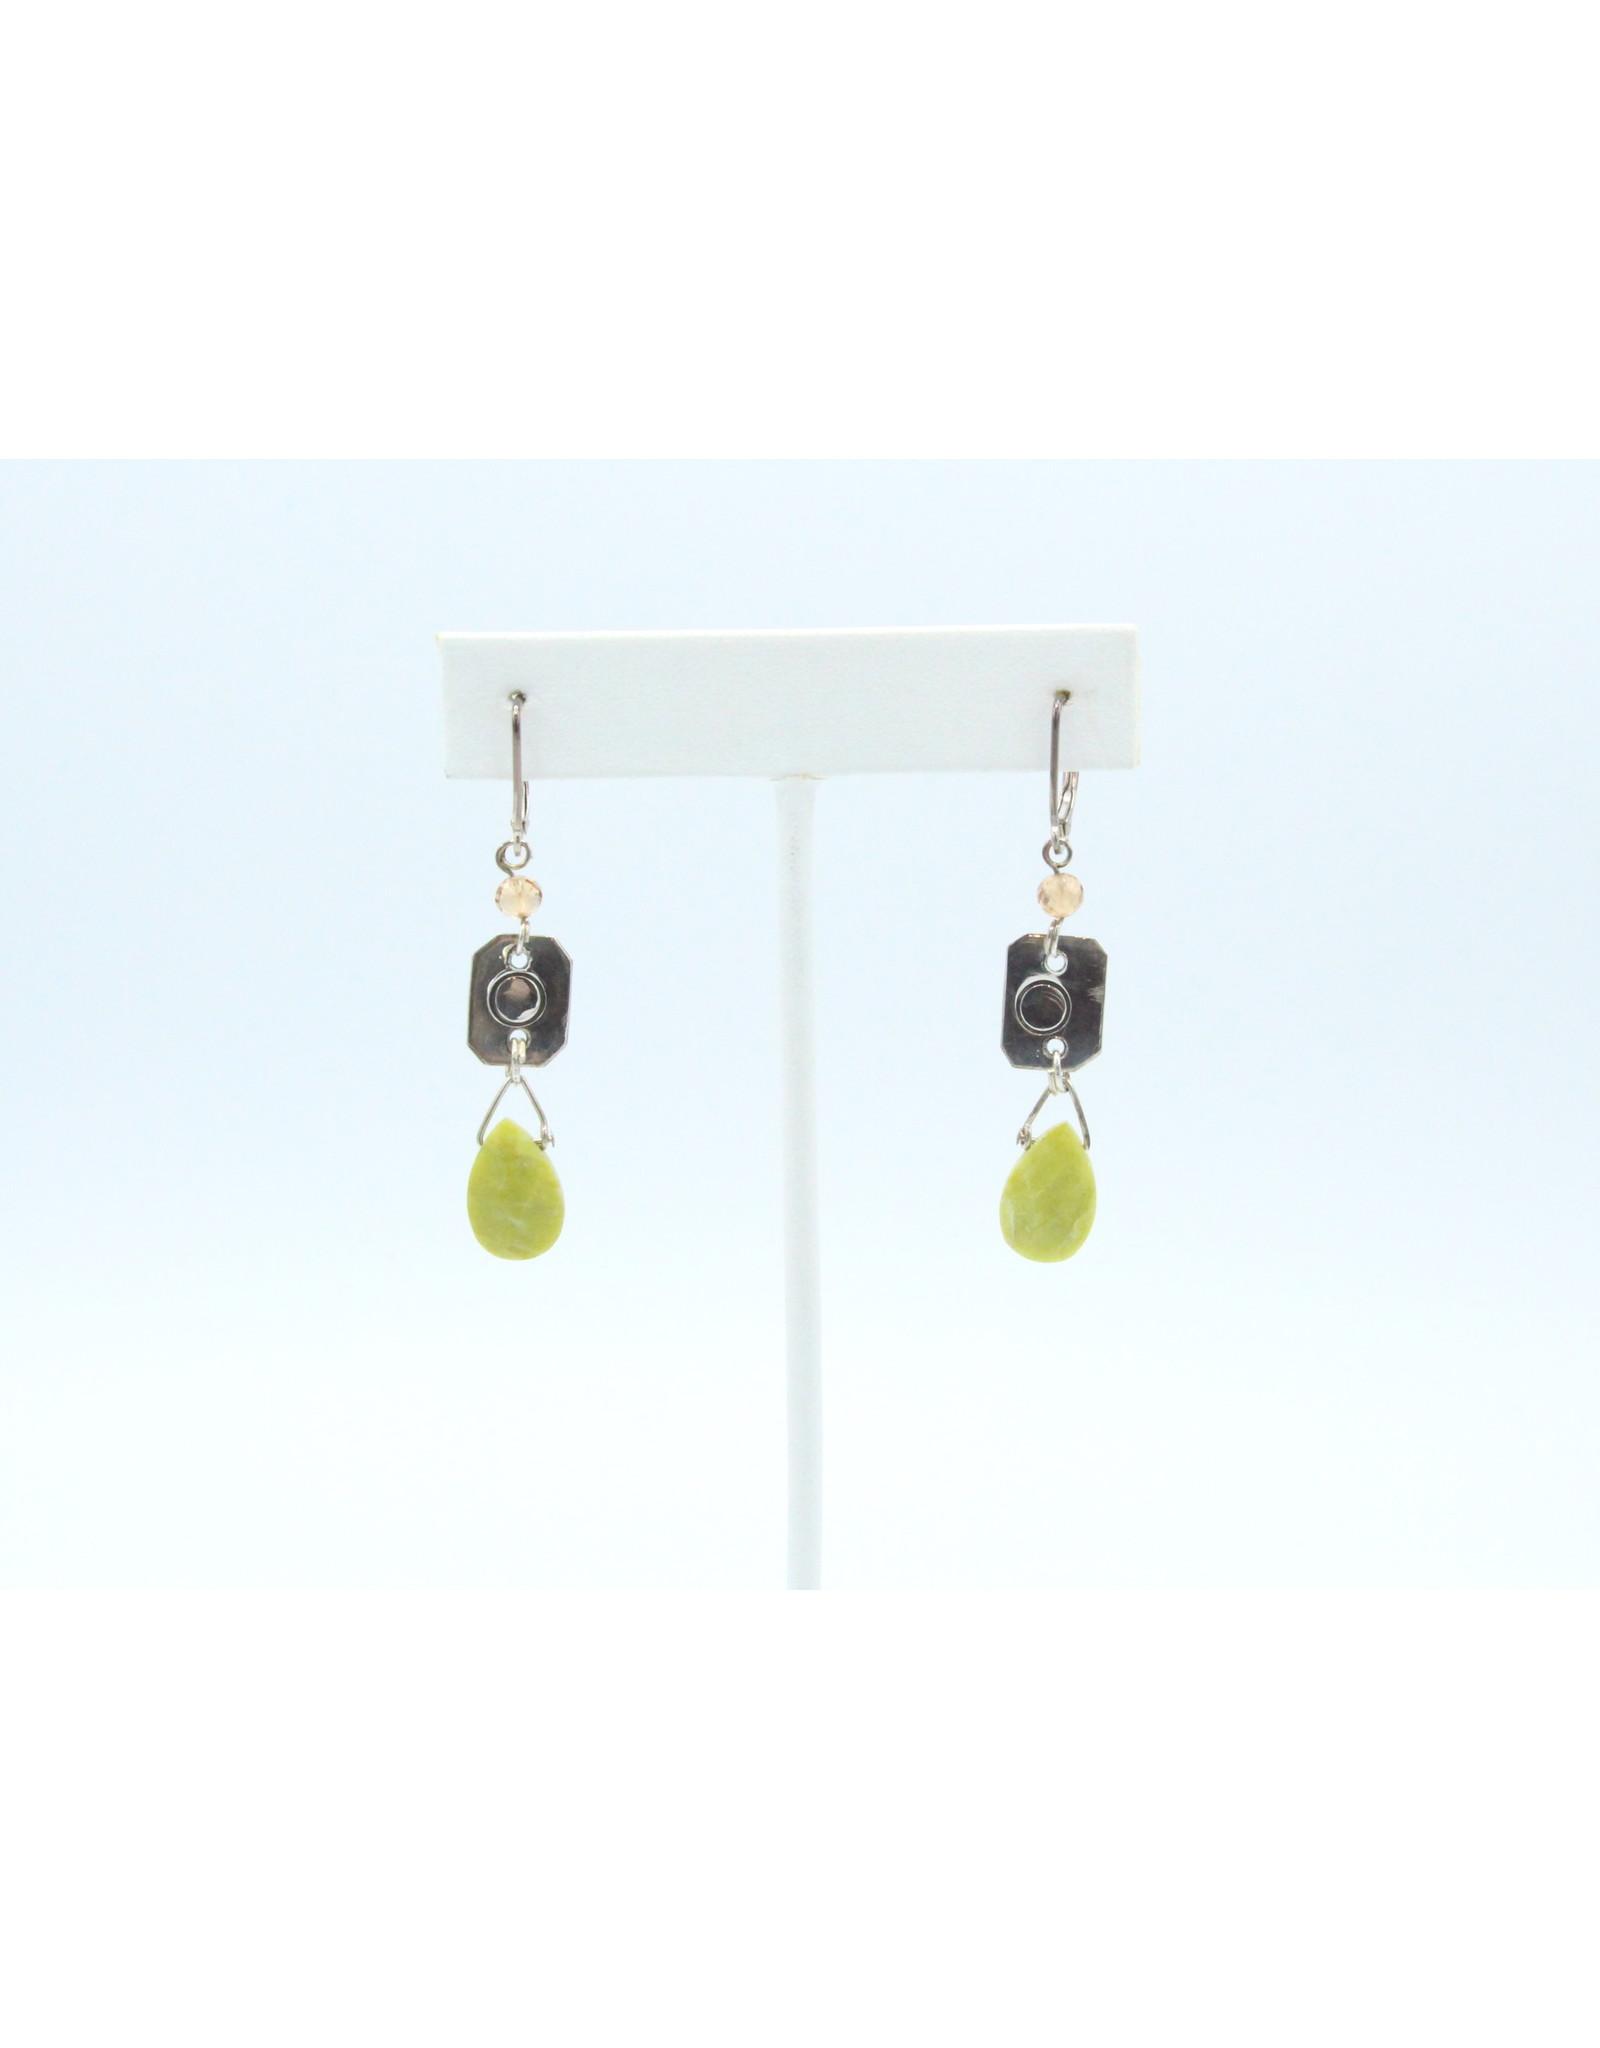 Lewisonite & Grenat Earrings - ERLG01